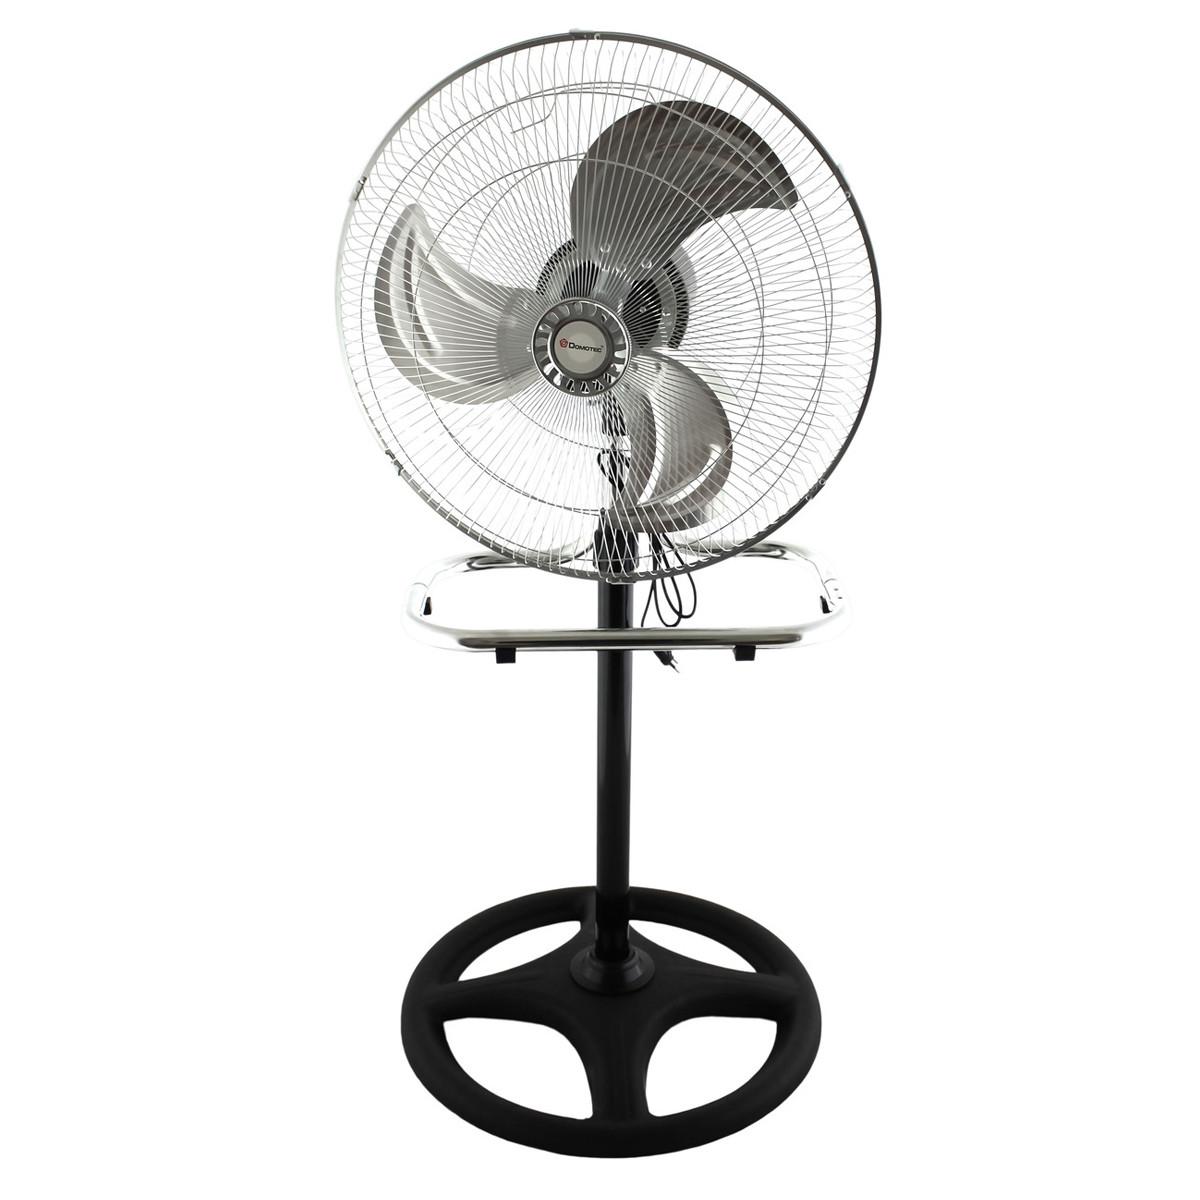 Вентилятор напольный Voltronic MS-1622 40W 3 скорости, автоповорот